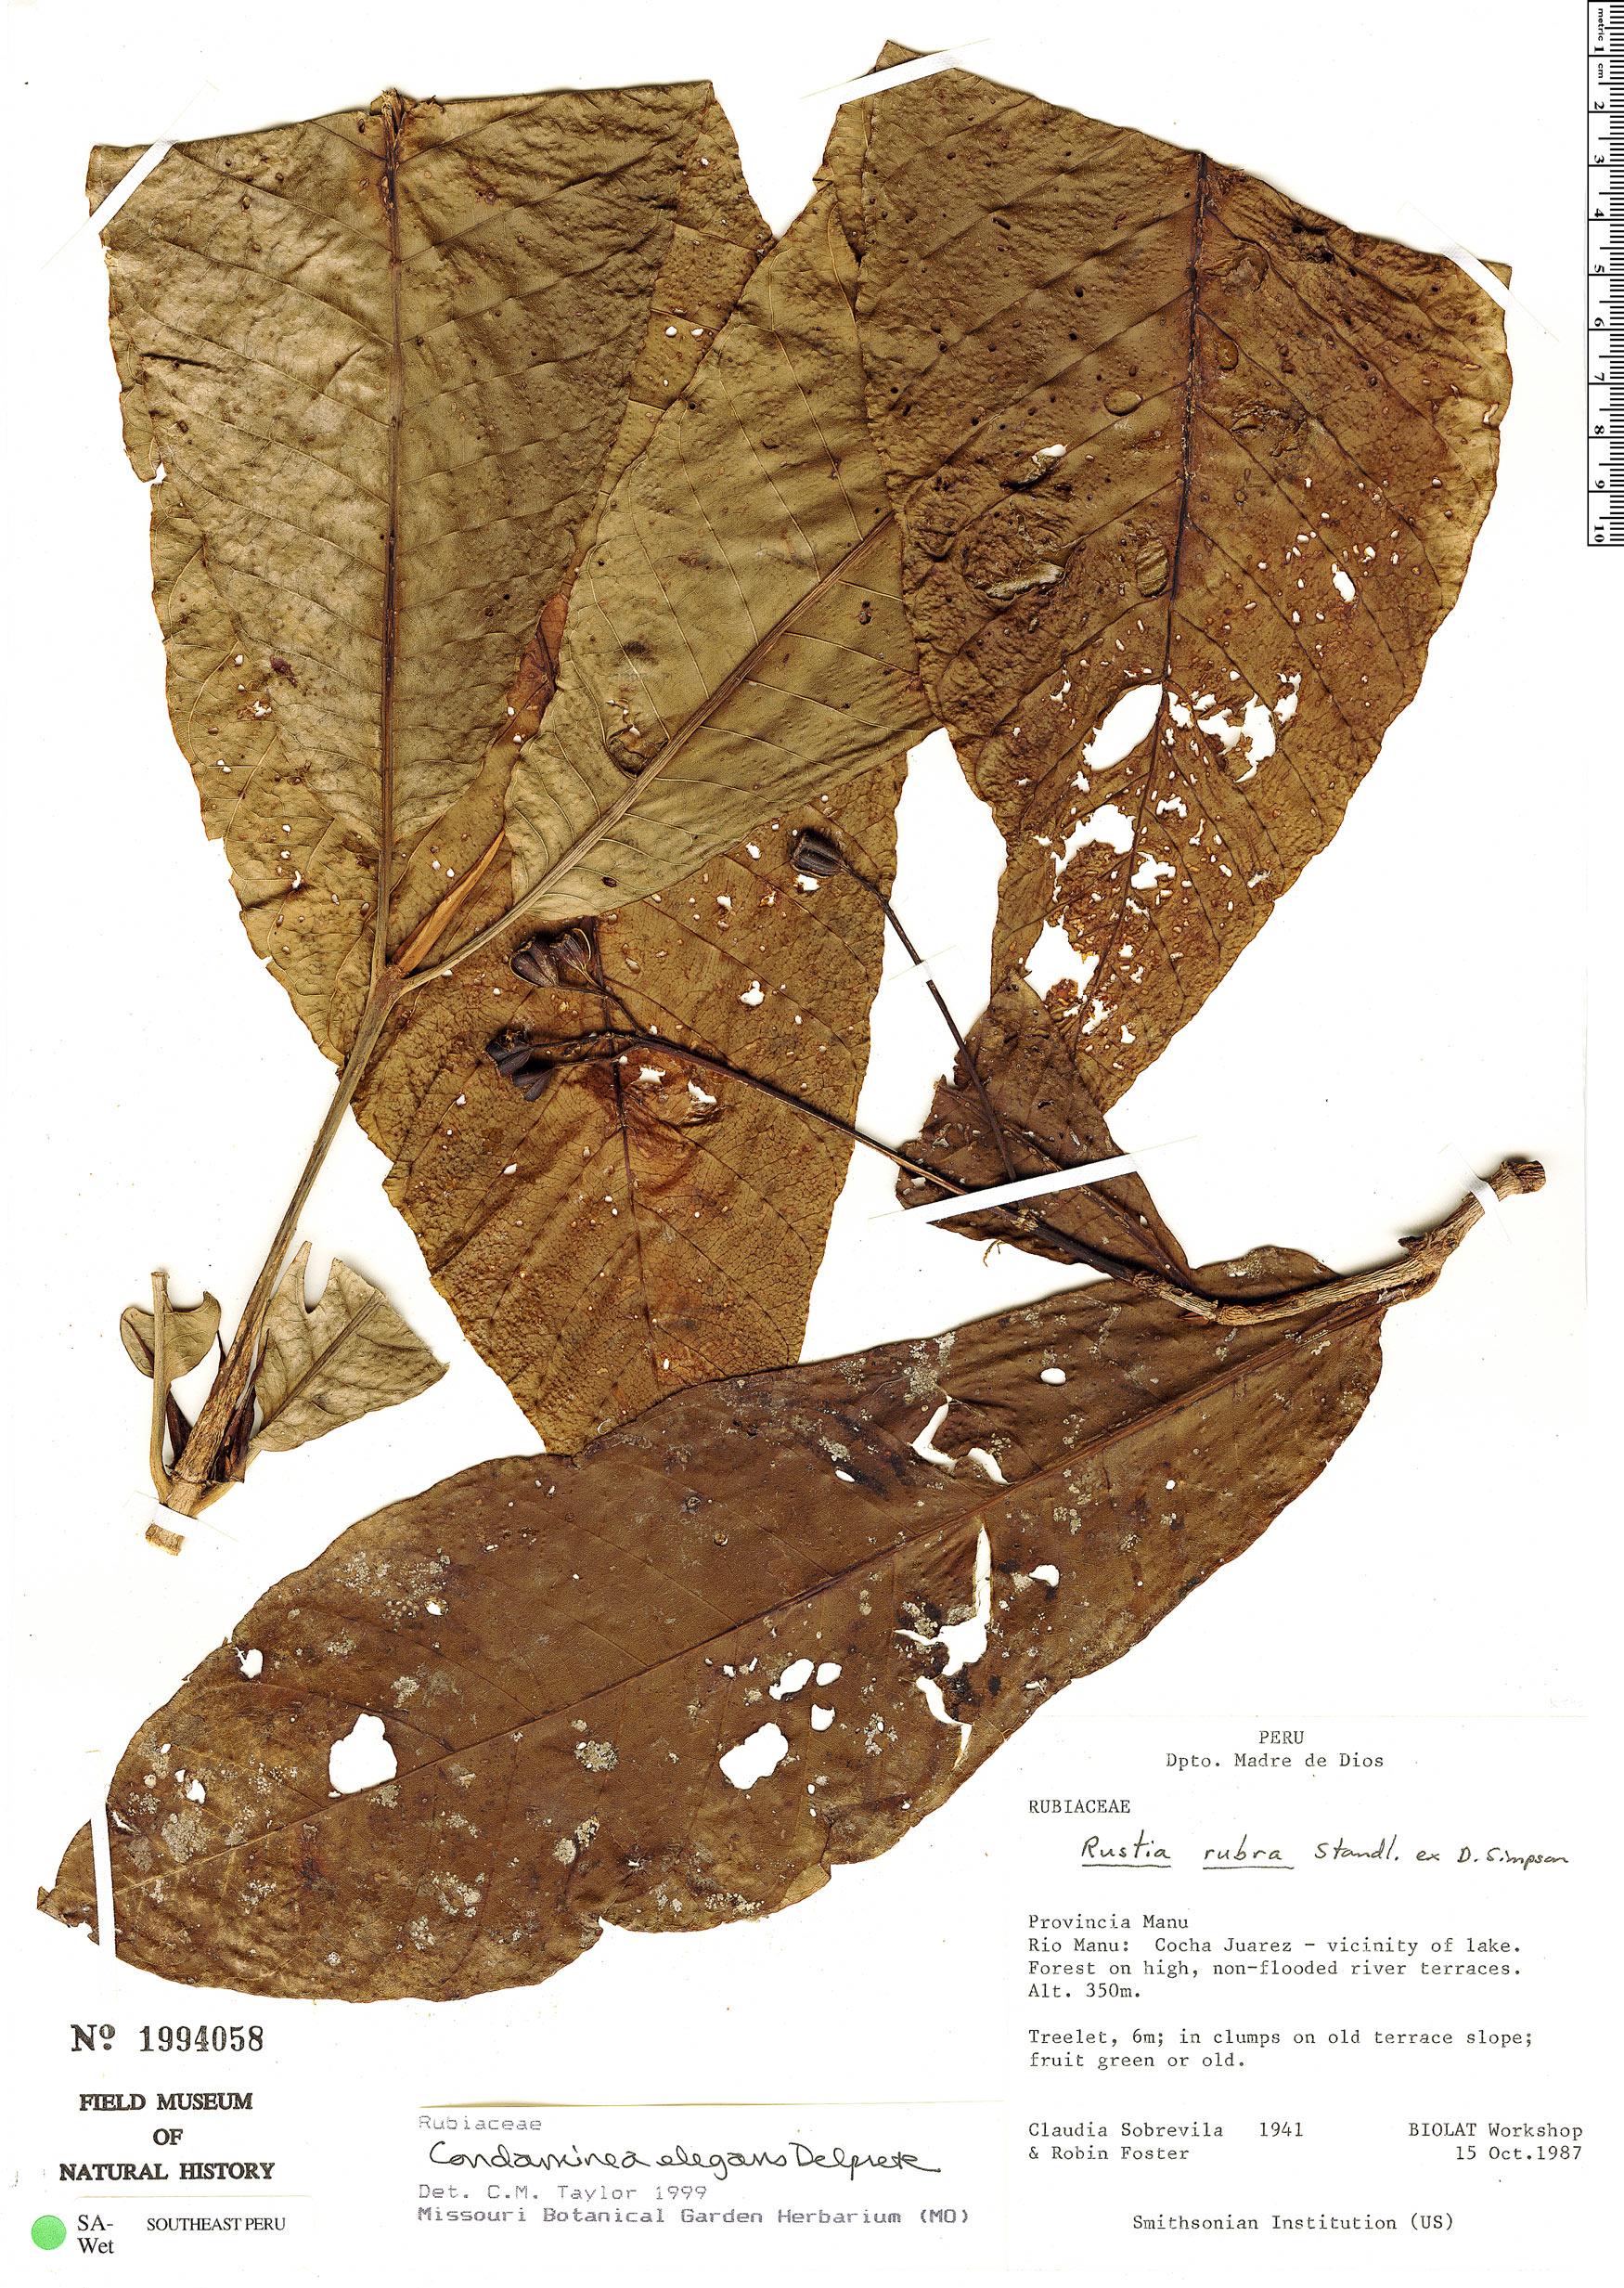 Specimen: Condaminea elegans